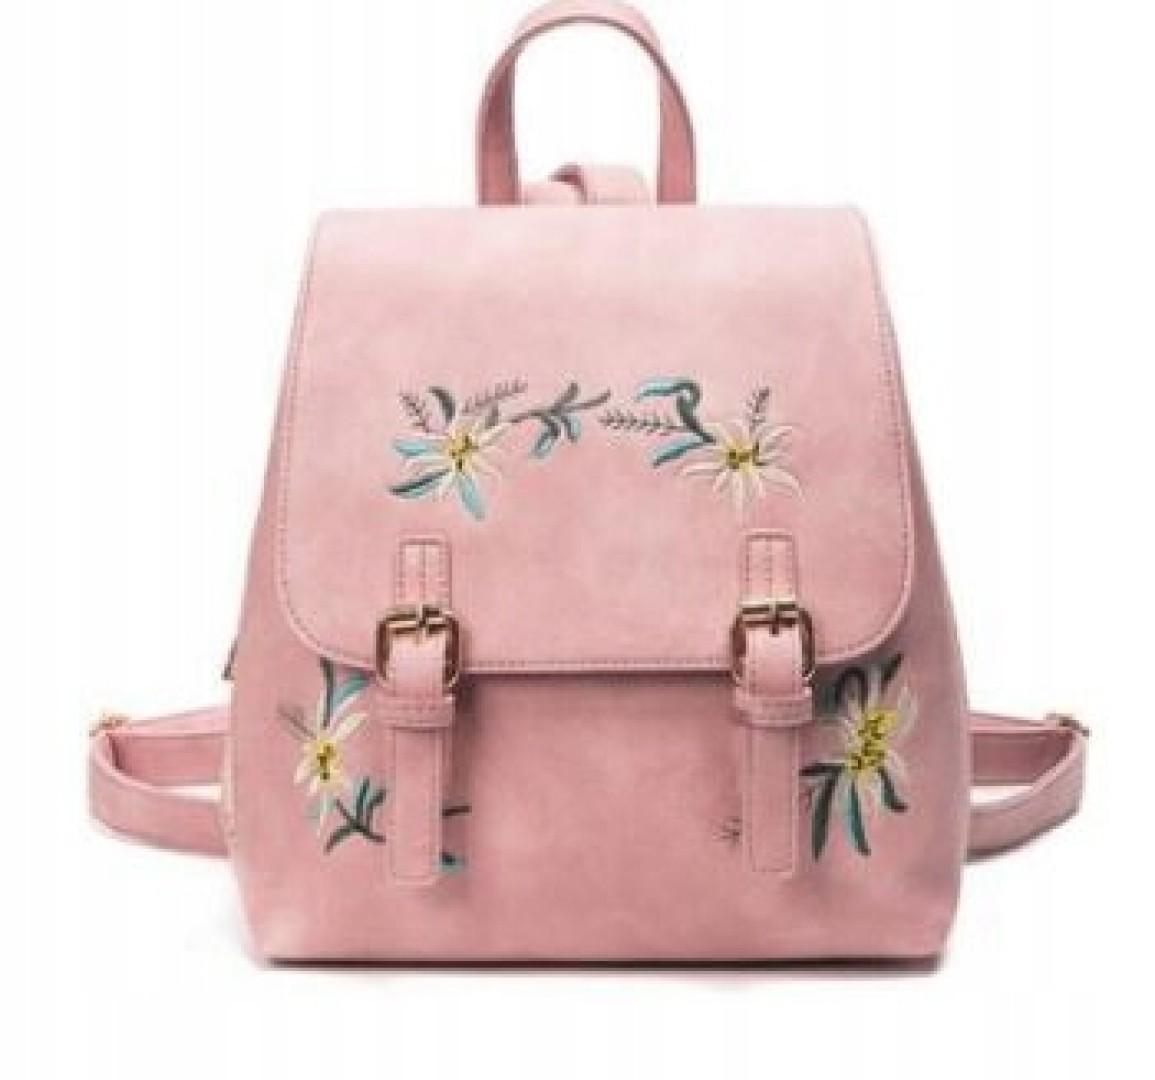 Damski plecak kuferek w kwiaty vintage boho beżowy